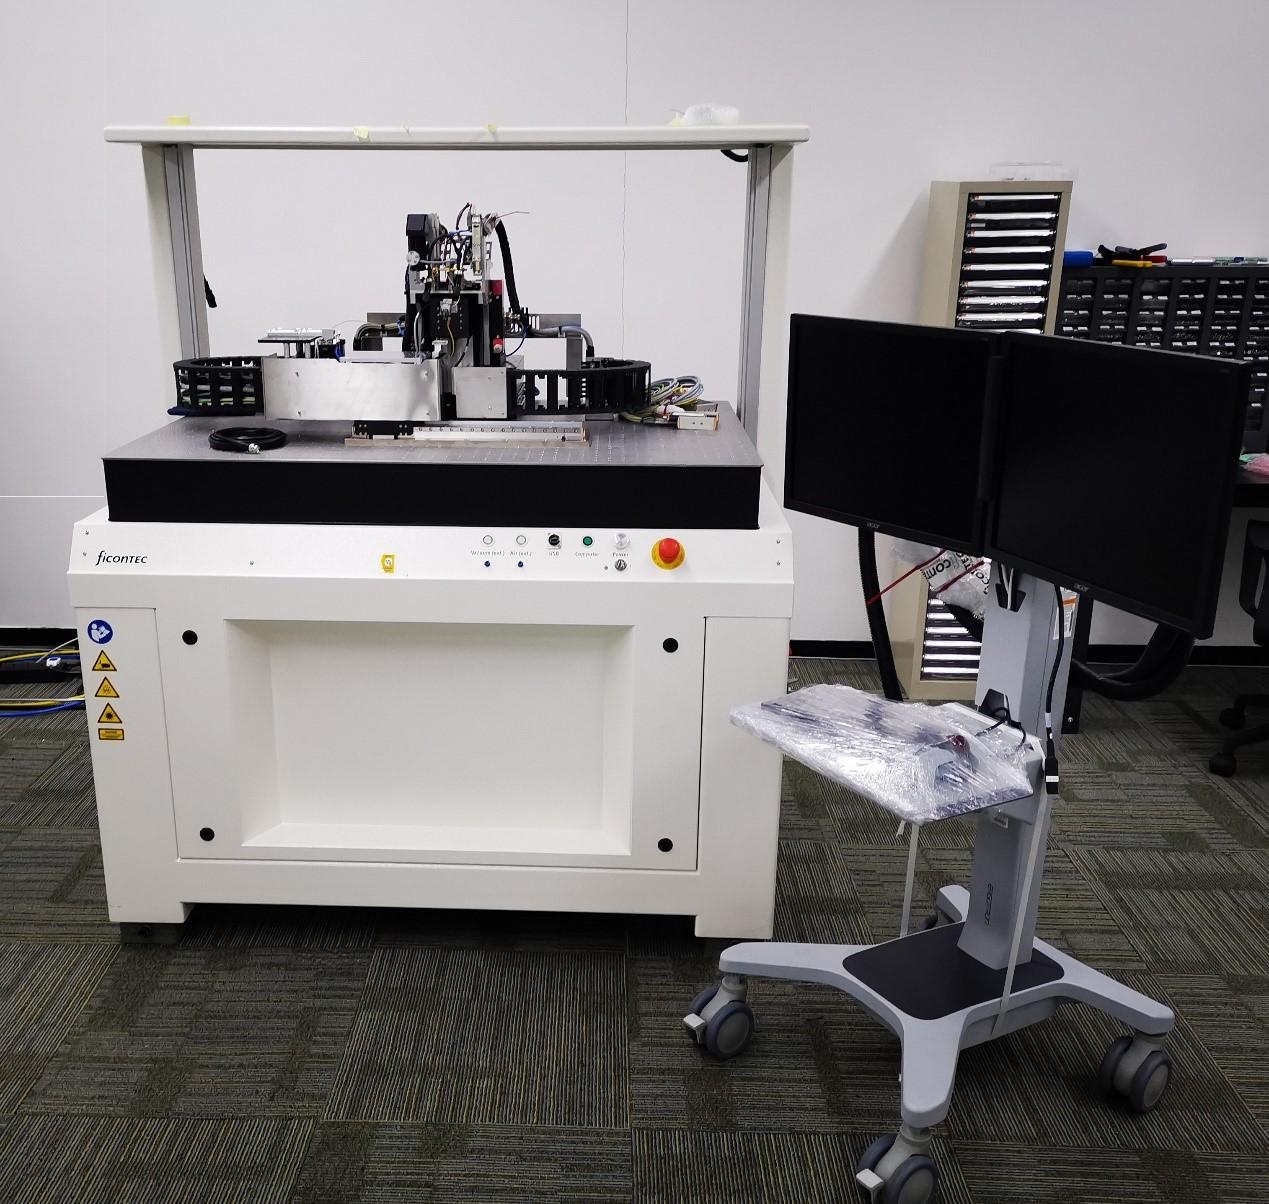 ficonTEC A800高速低成本自动耦合设备面世